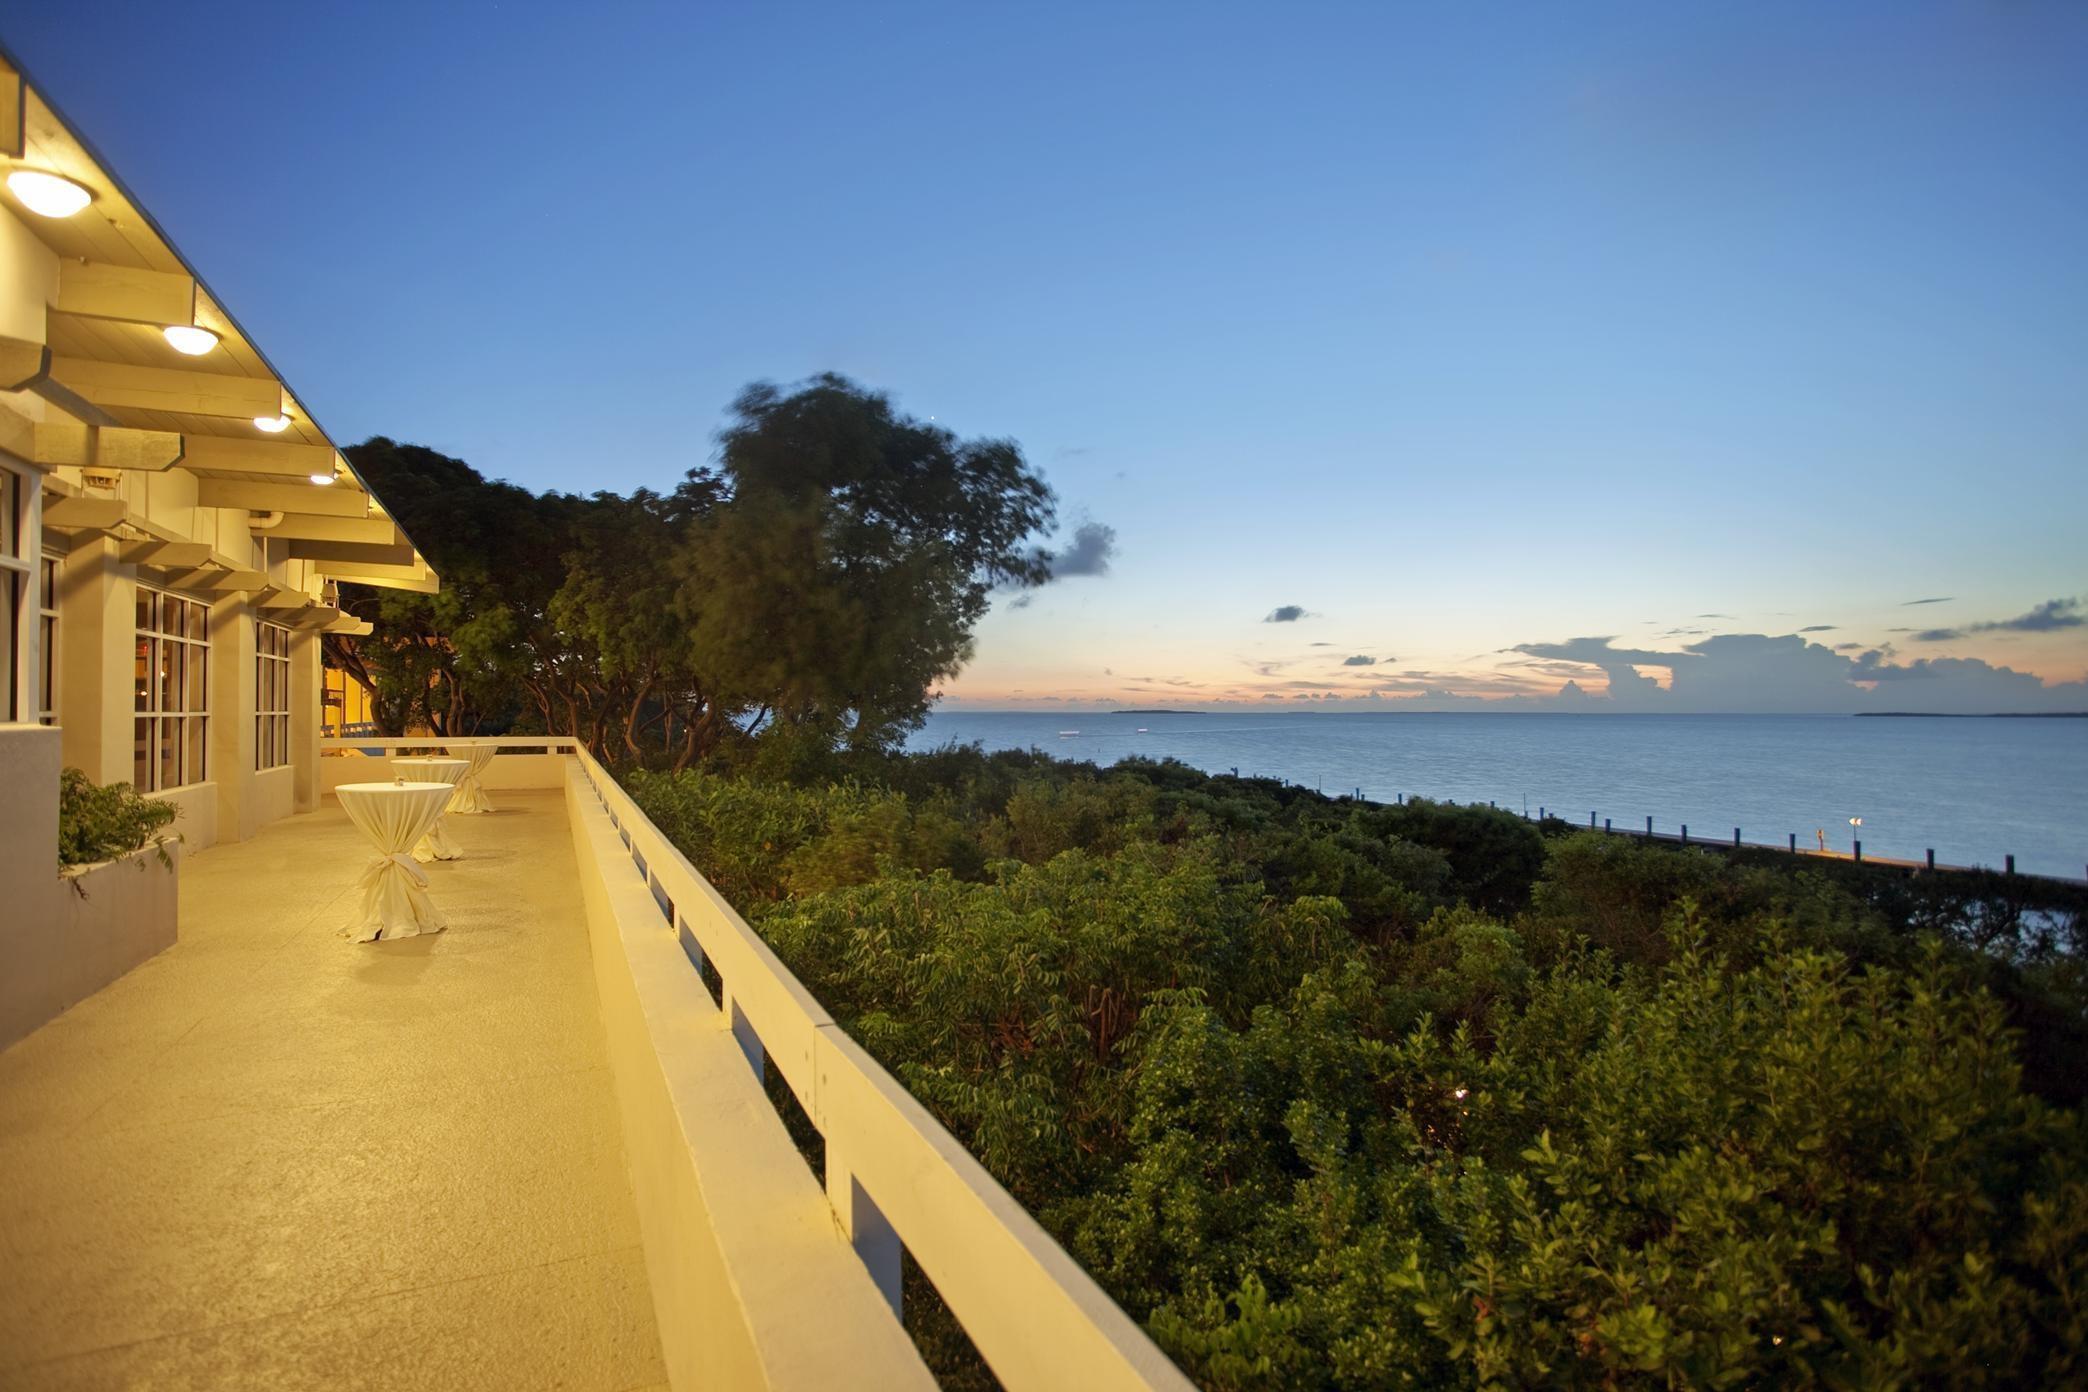 Hilton Key Largo Resort image 19